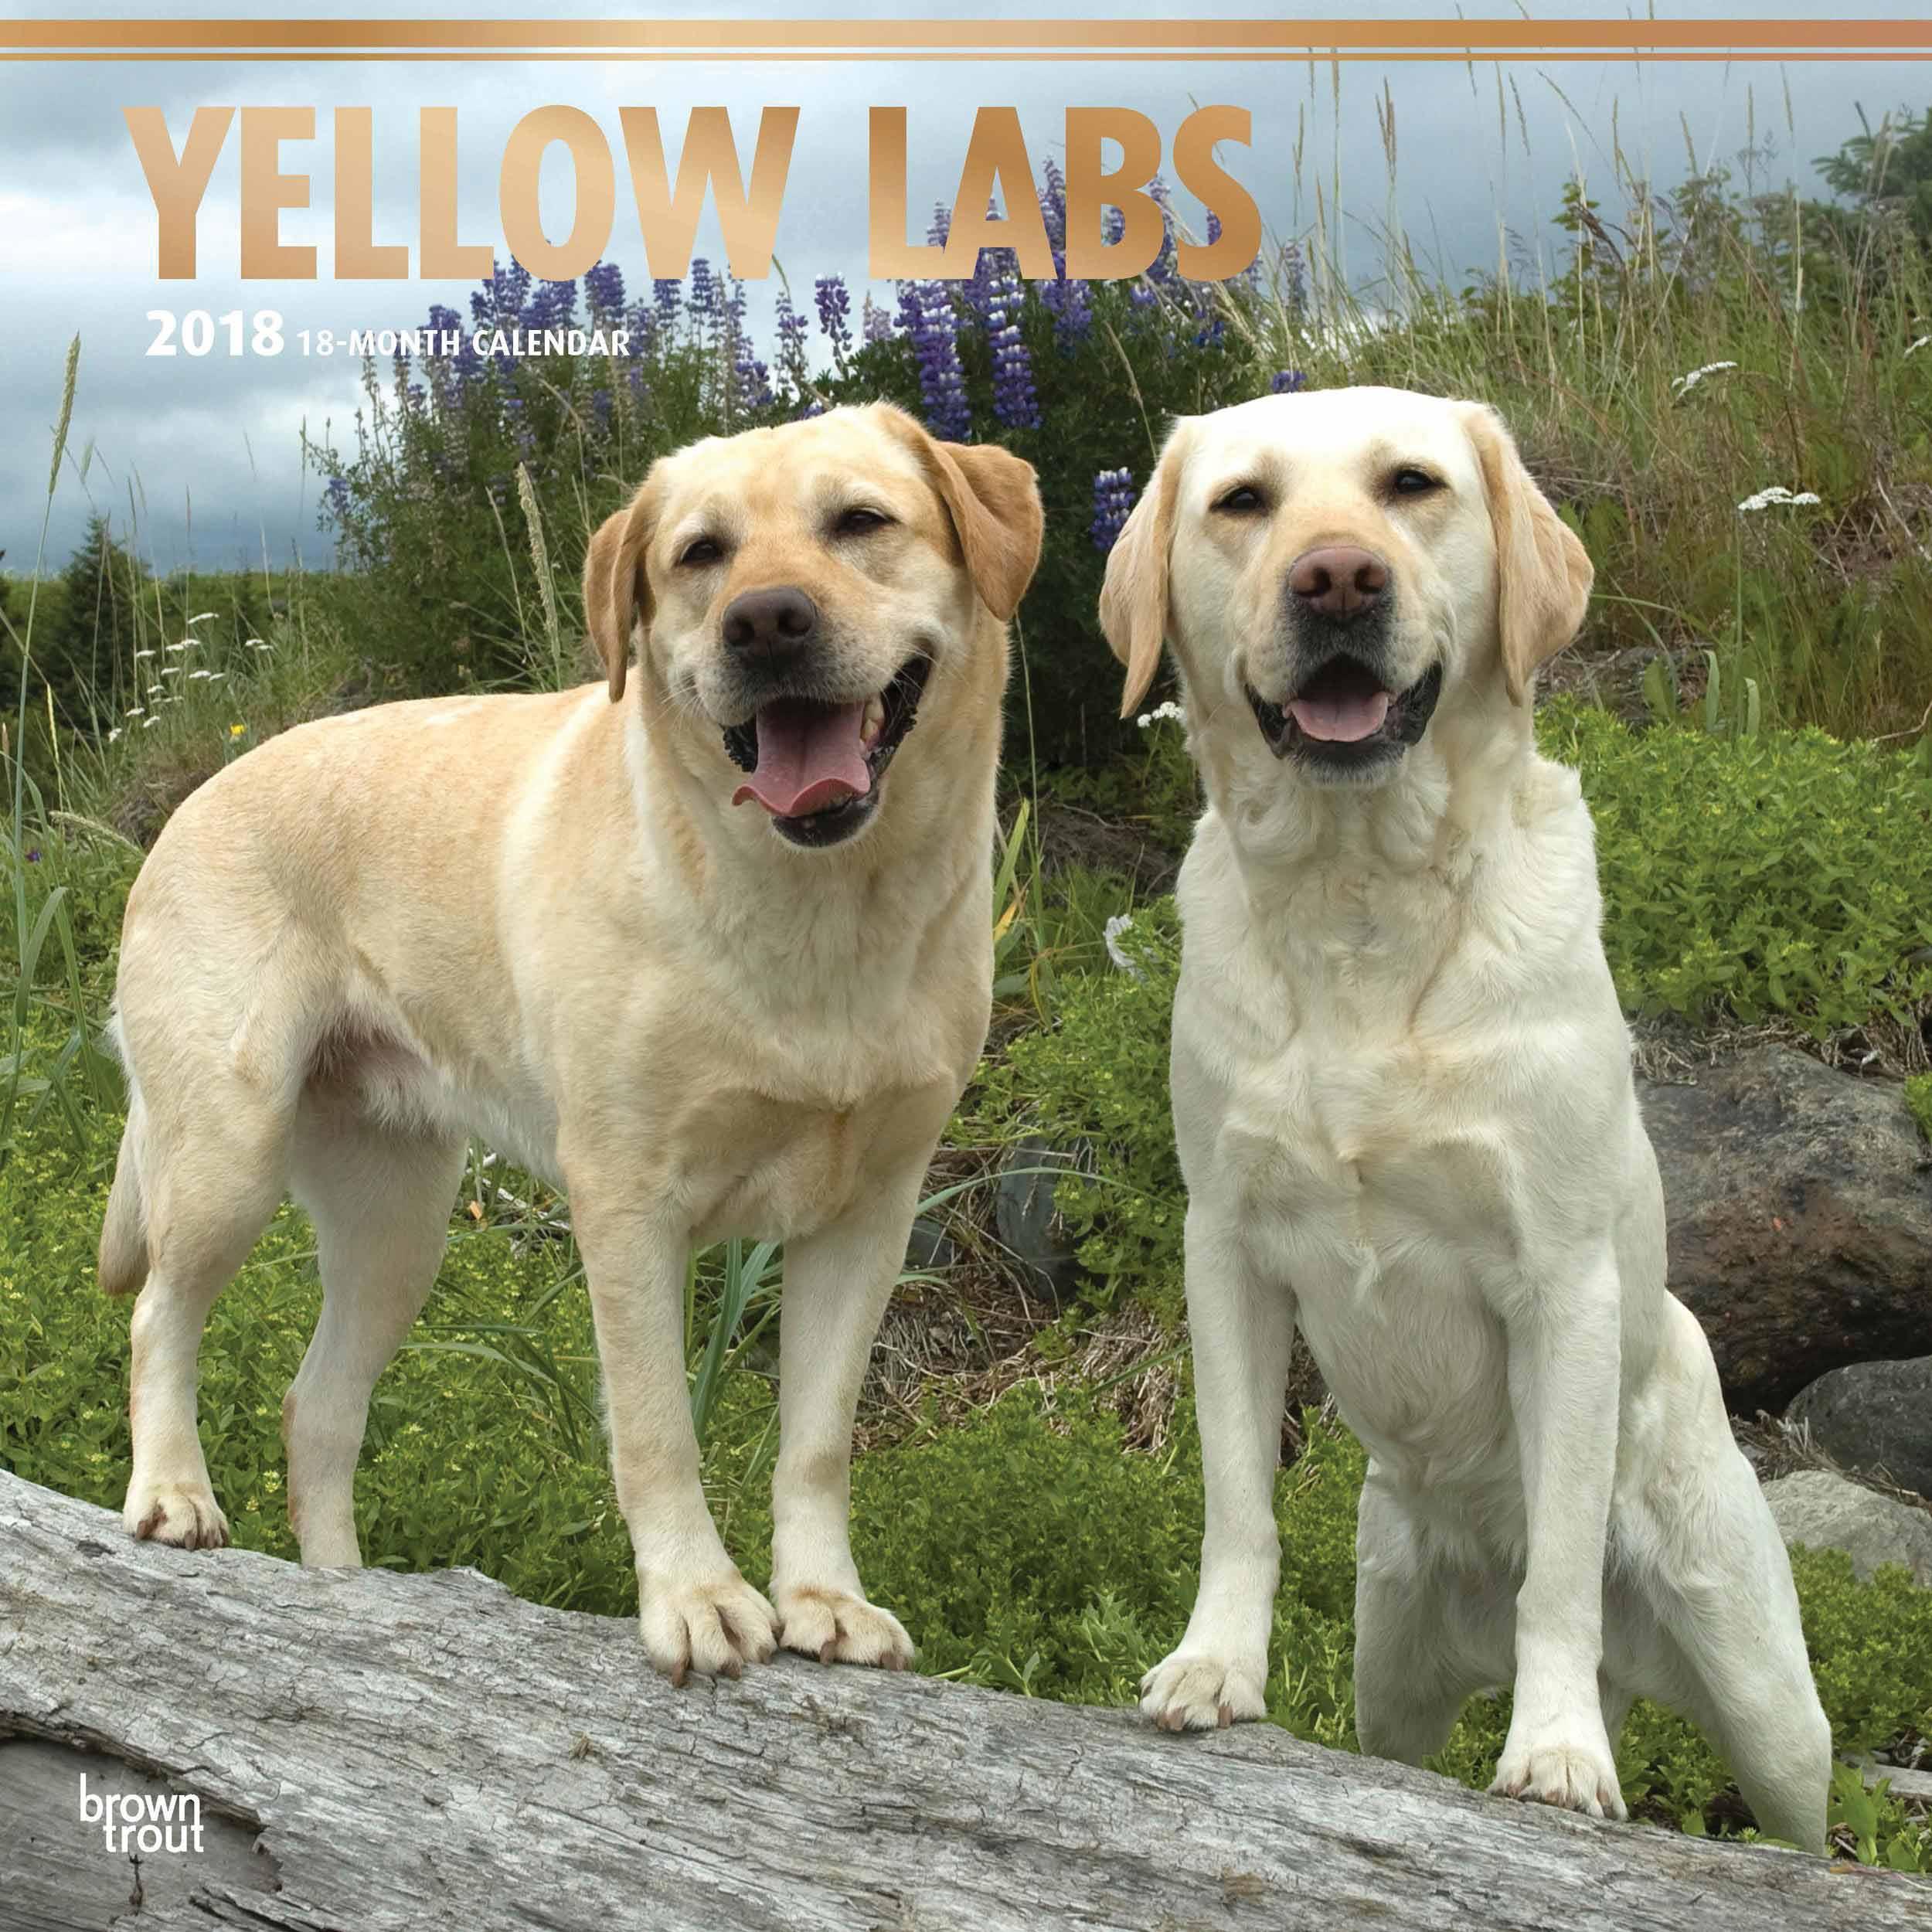 Yellow Labrador Retrievers Calendar 2018 - Calendar Club UK